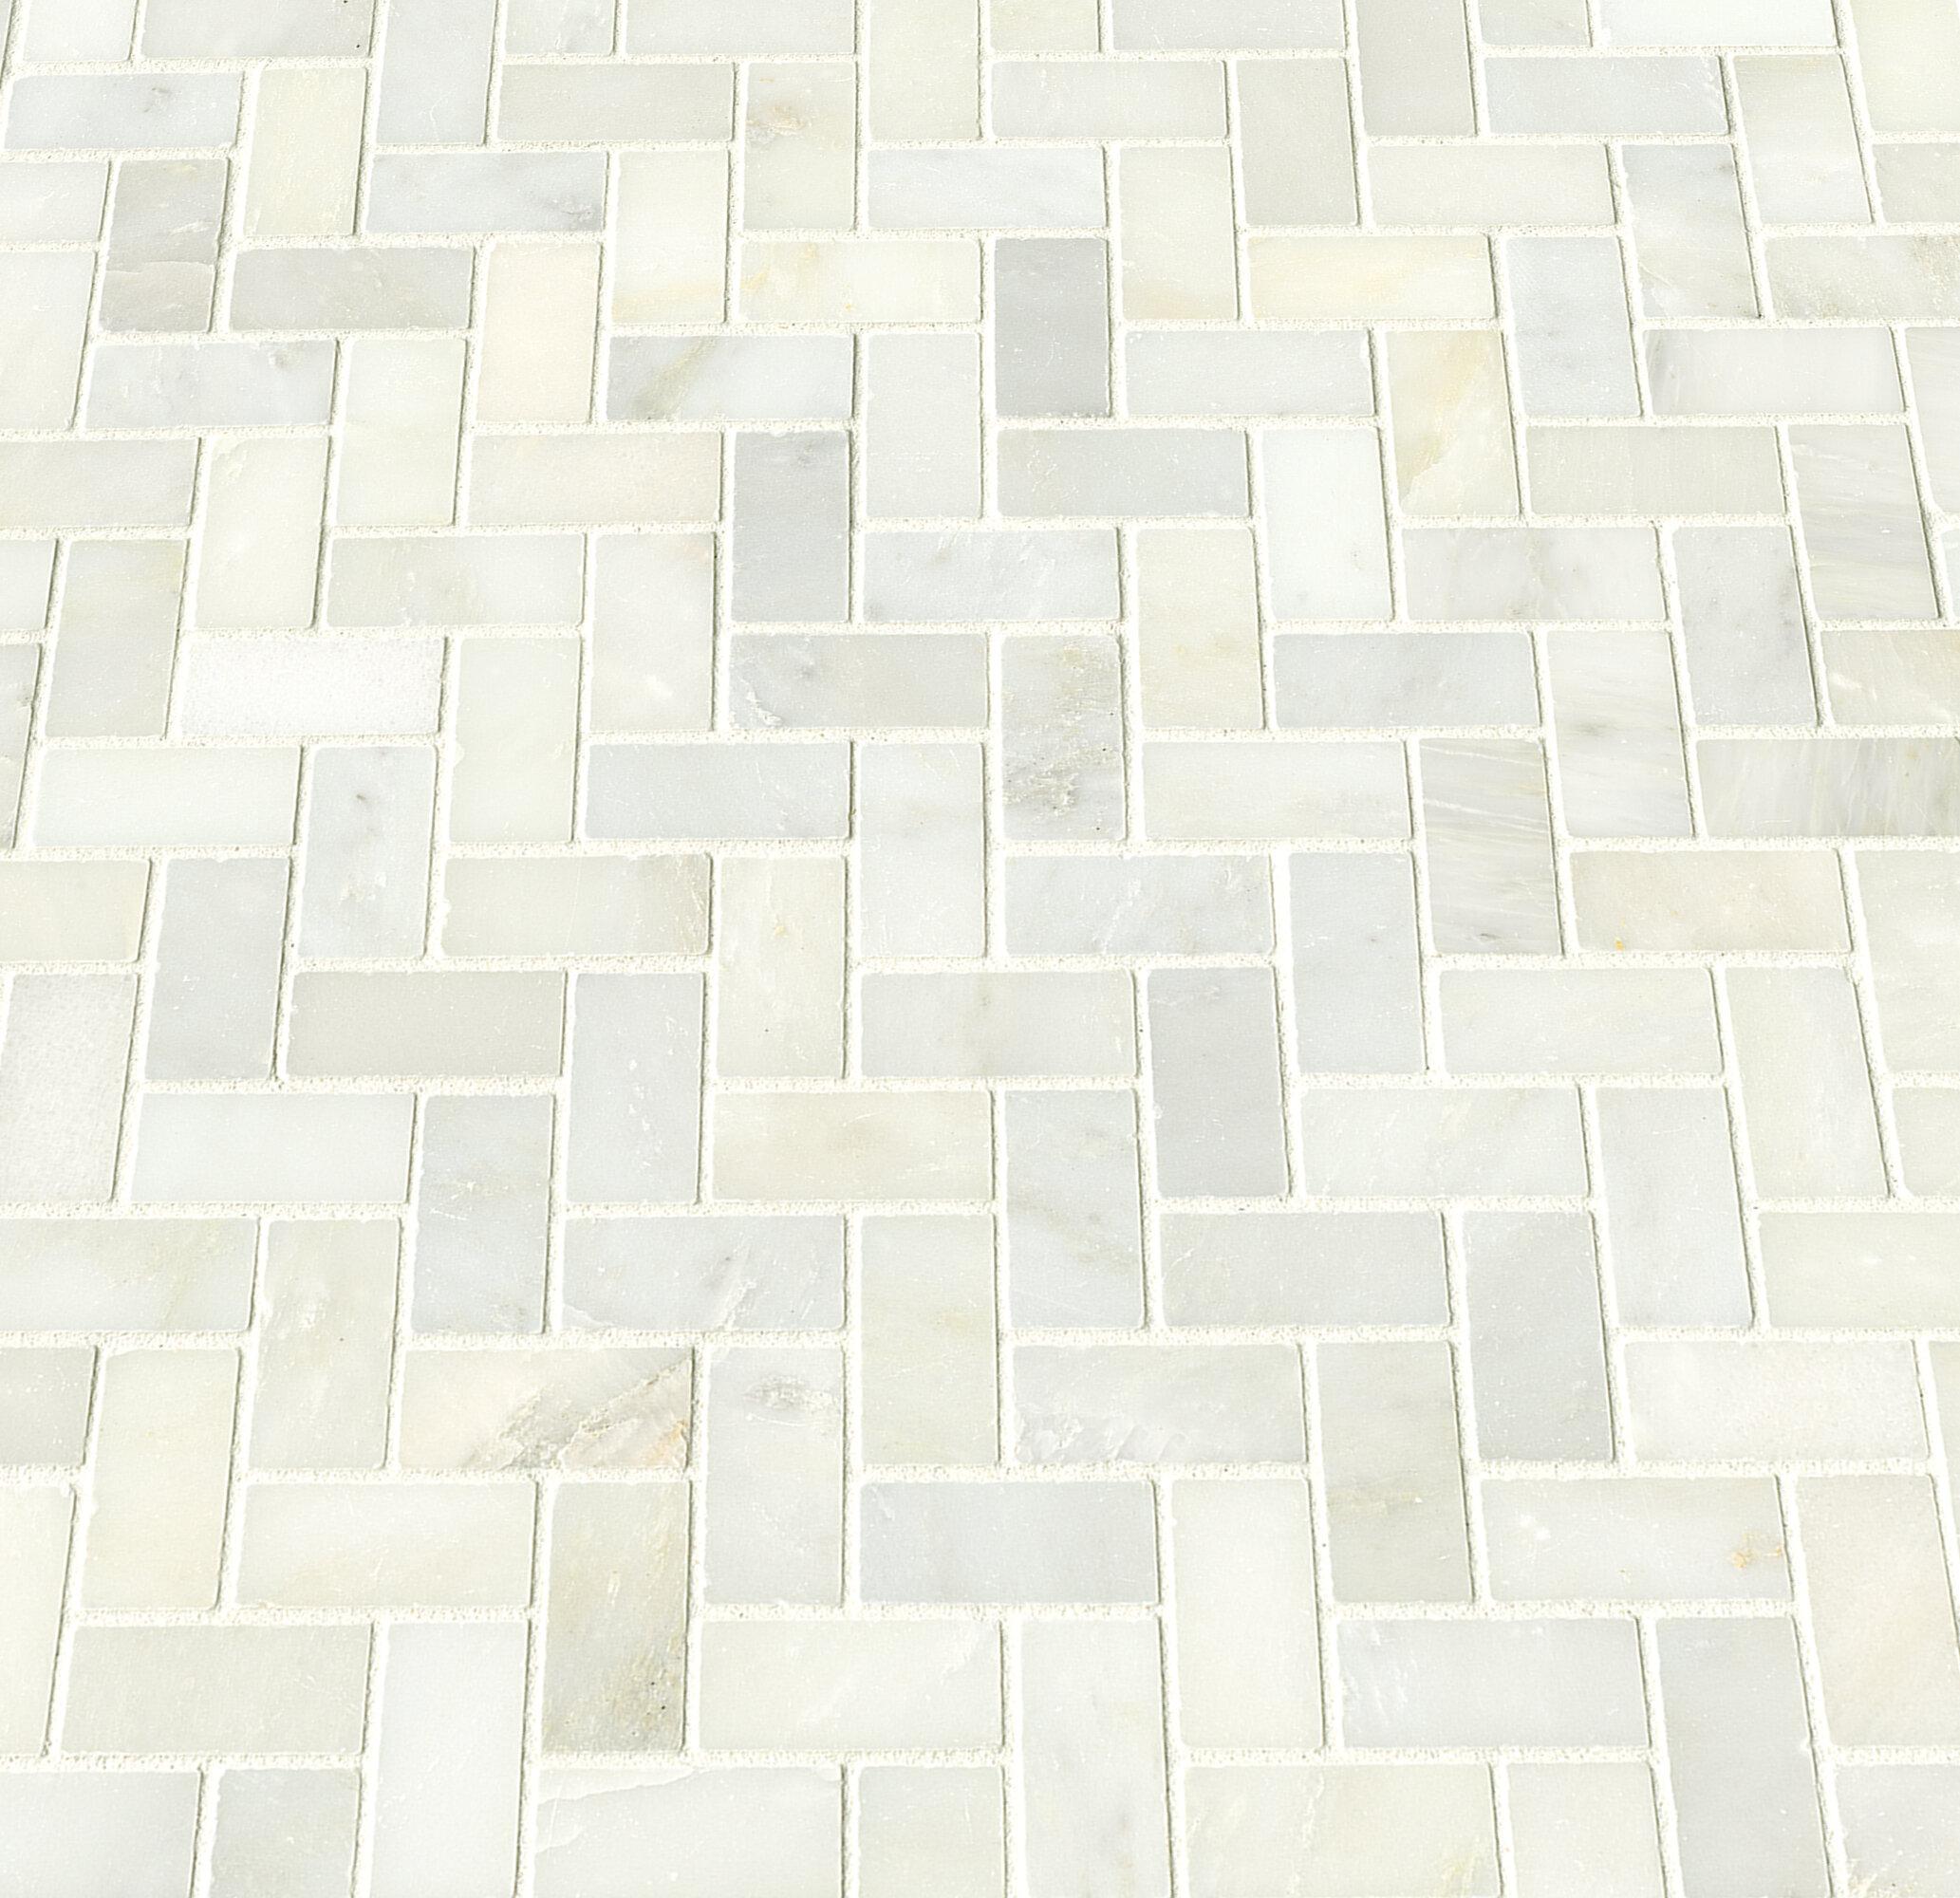 MSI Greecian Herringbone Polished Glass Stone Mosaic Tile in White